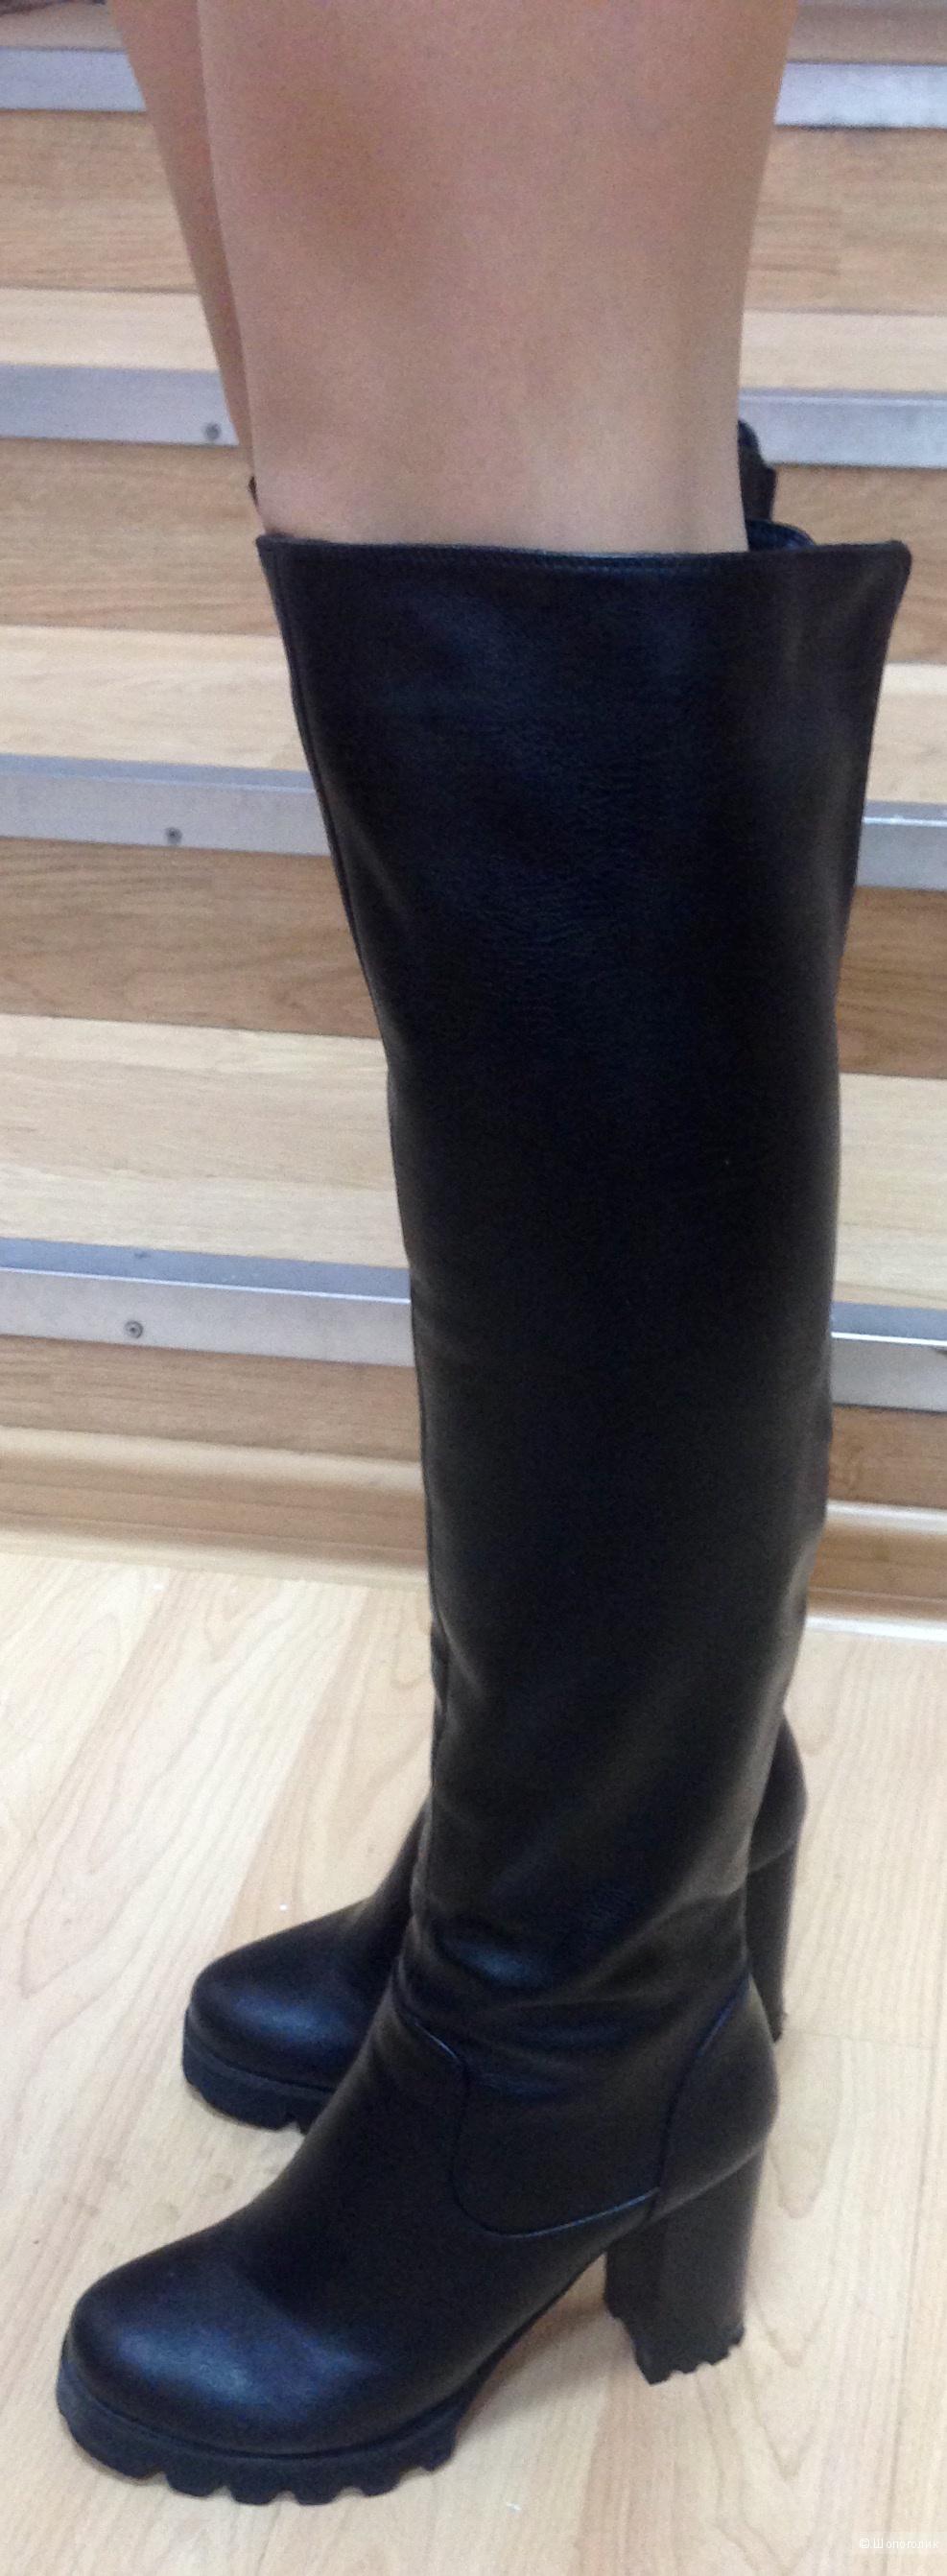 Зимние сапоги, кожа, размер 39